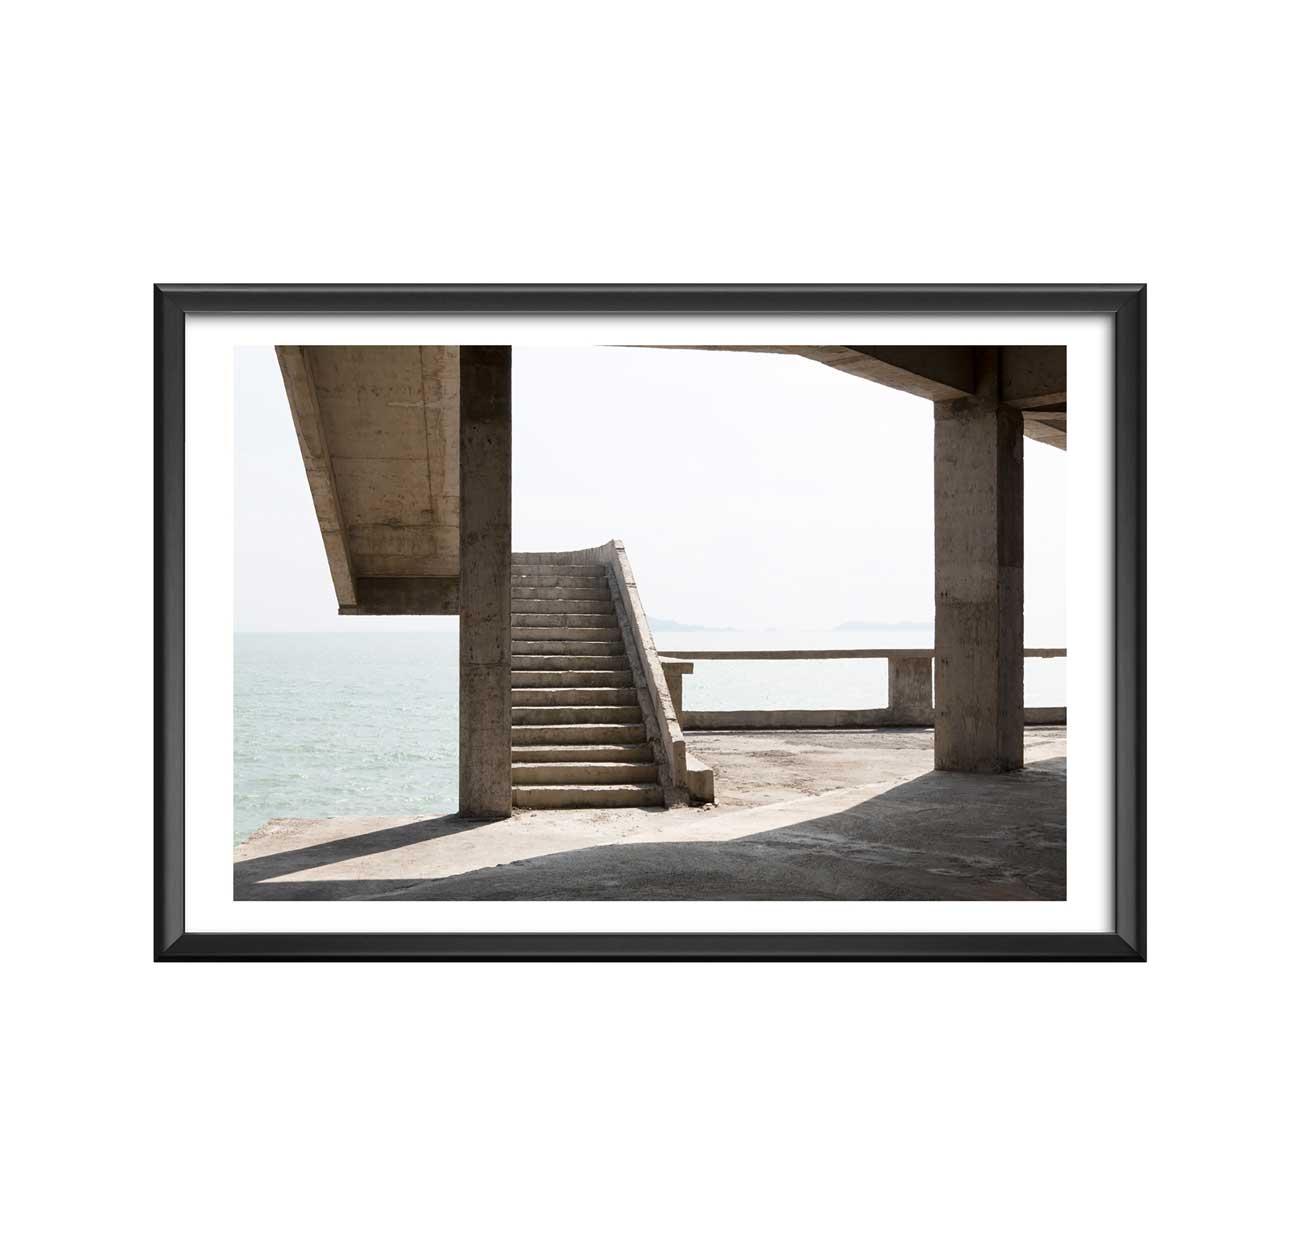 tirage limit xiamen 12 aur lie foussard photographie d 39 art contemporain pandorart. Black Bedroom Furniture Sets. Home Design Ideas